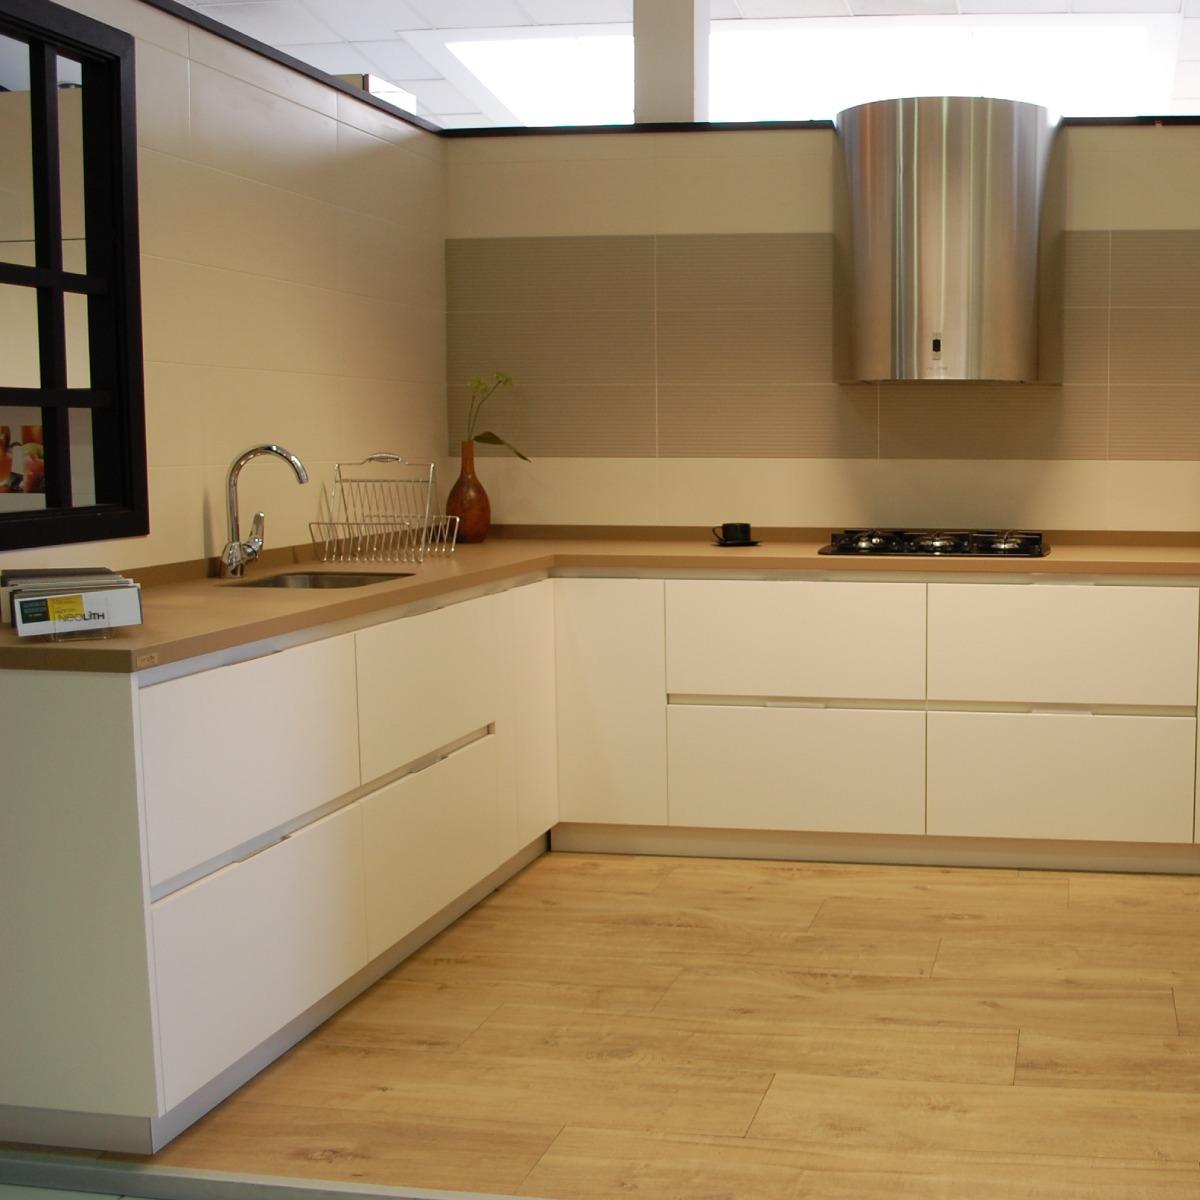 Cocina minimalista muebles de cocina dise o italiano for Muebles de cocina italianos